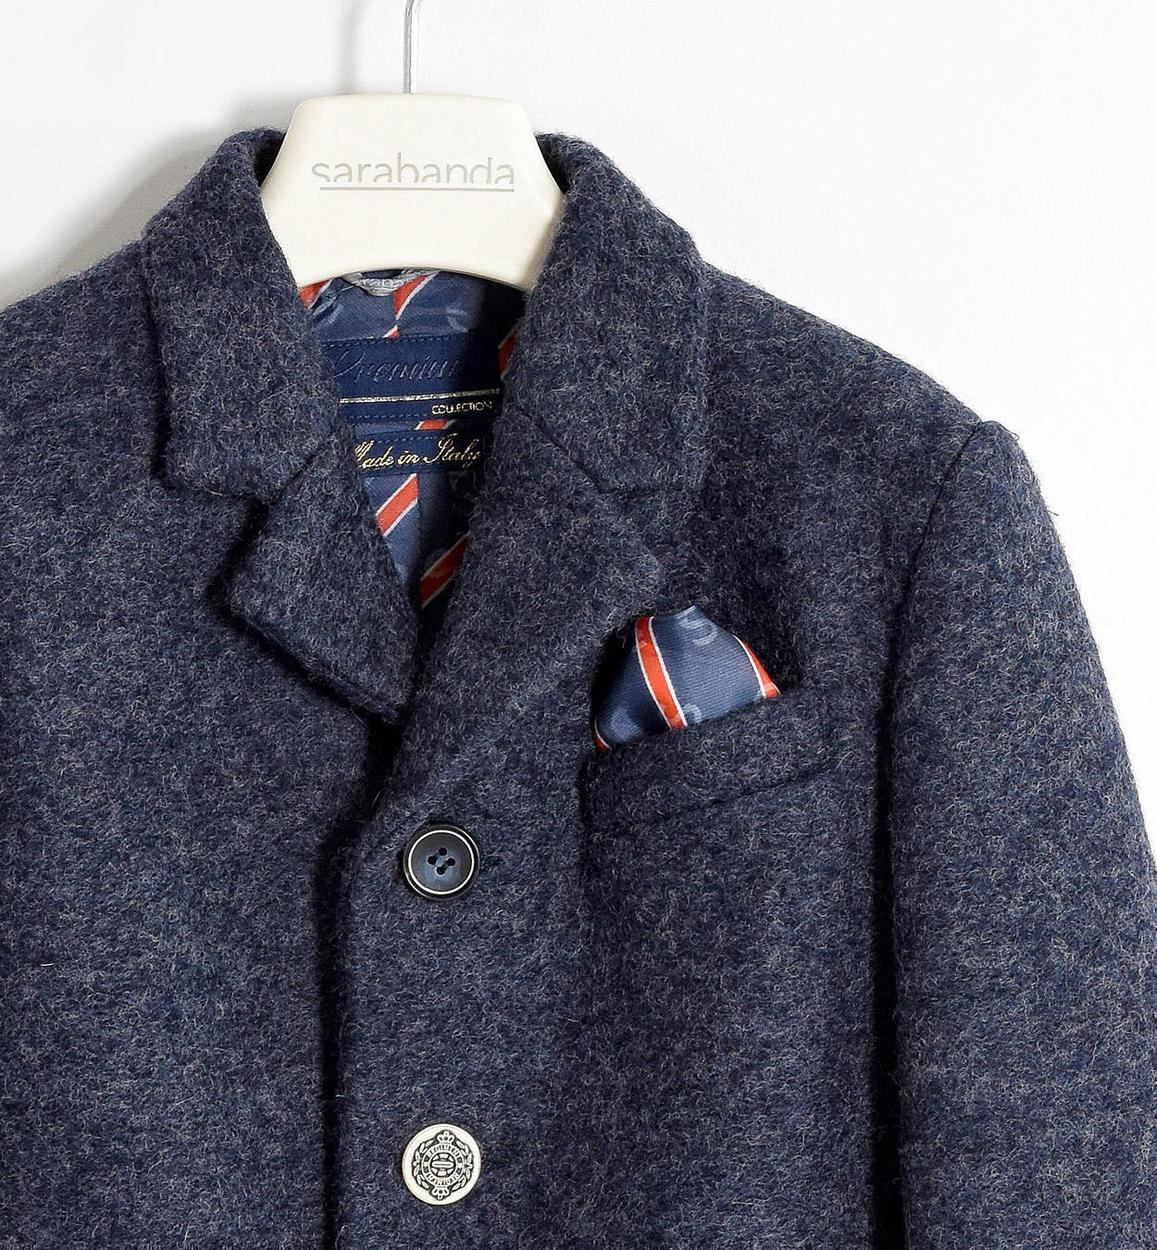 best website 5271c e7a56 Cappotto in lana cotta con pochette per bambino da 2 a 7 anni Sarabanda